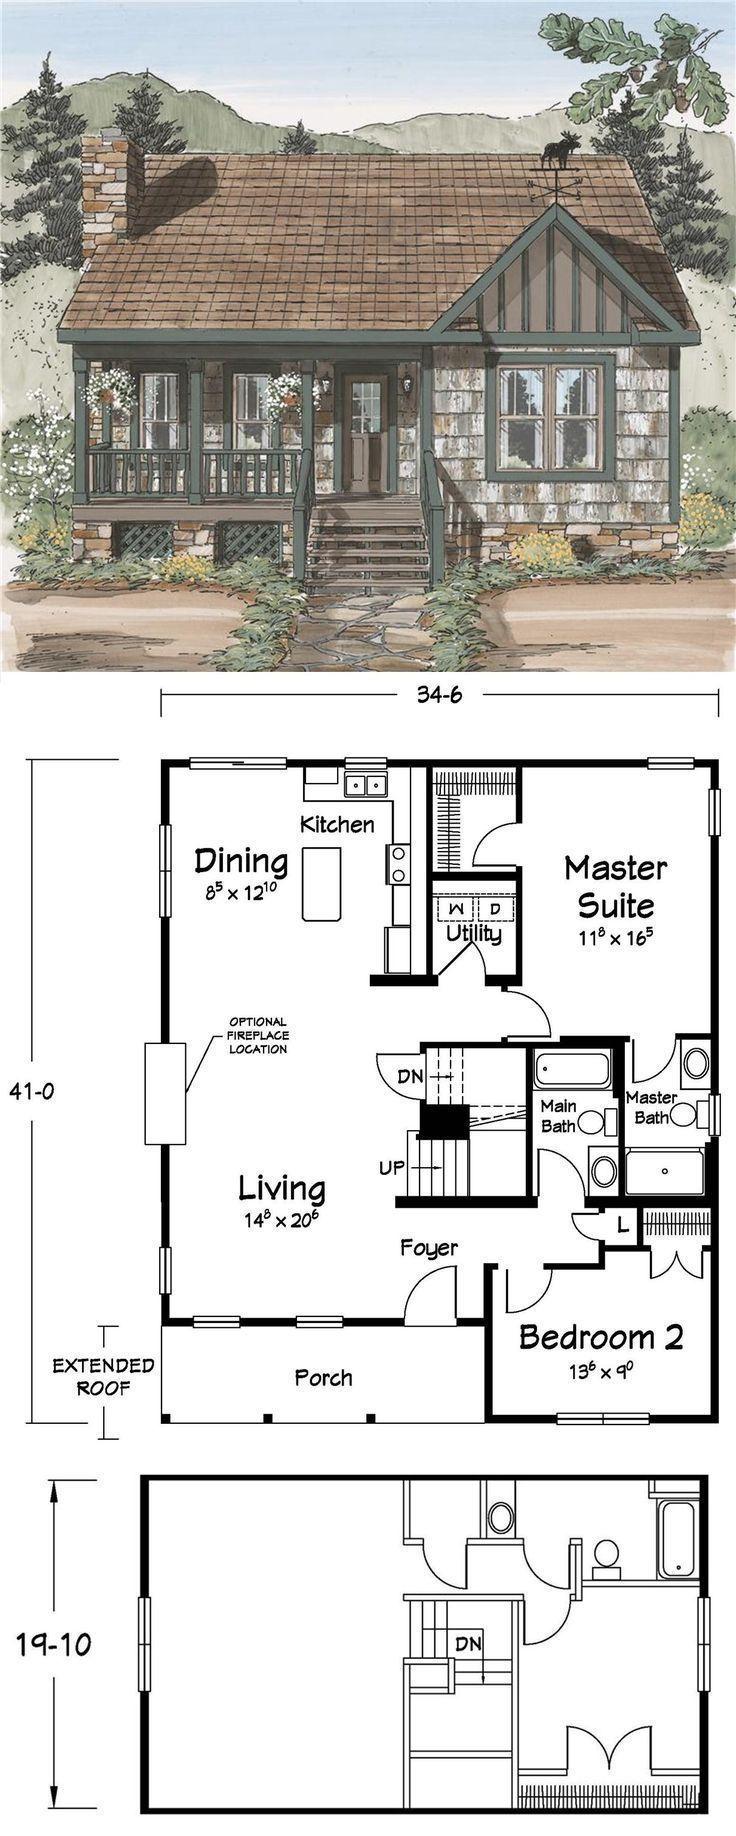 Apartments Best Cabin Floor Plans Ideas On Pinterest Log Loft And Basement Super Easy To Build Tiny House A D E Basement House Plans Cottage Plan House Plans